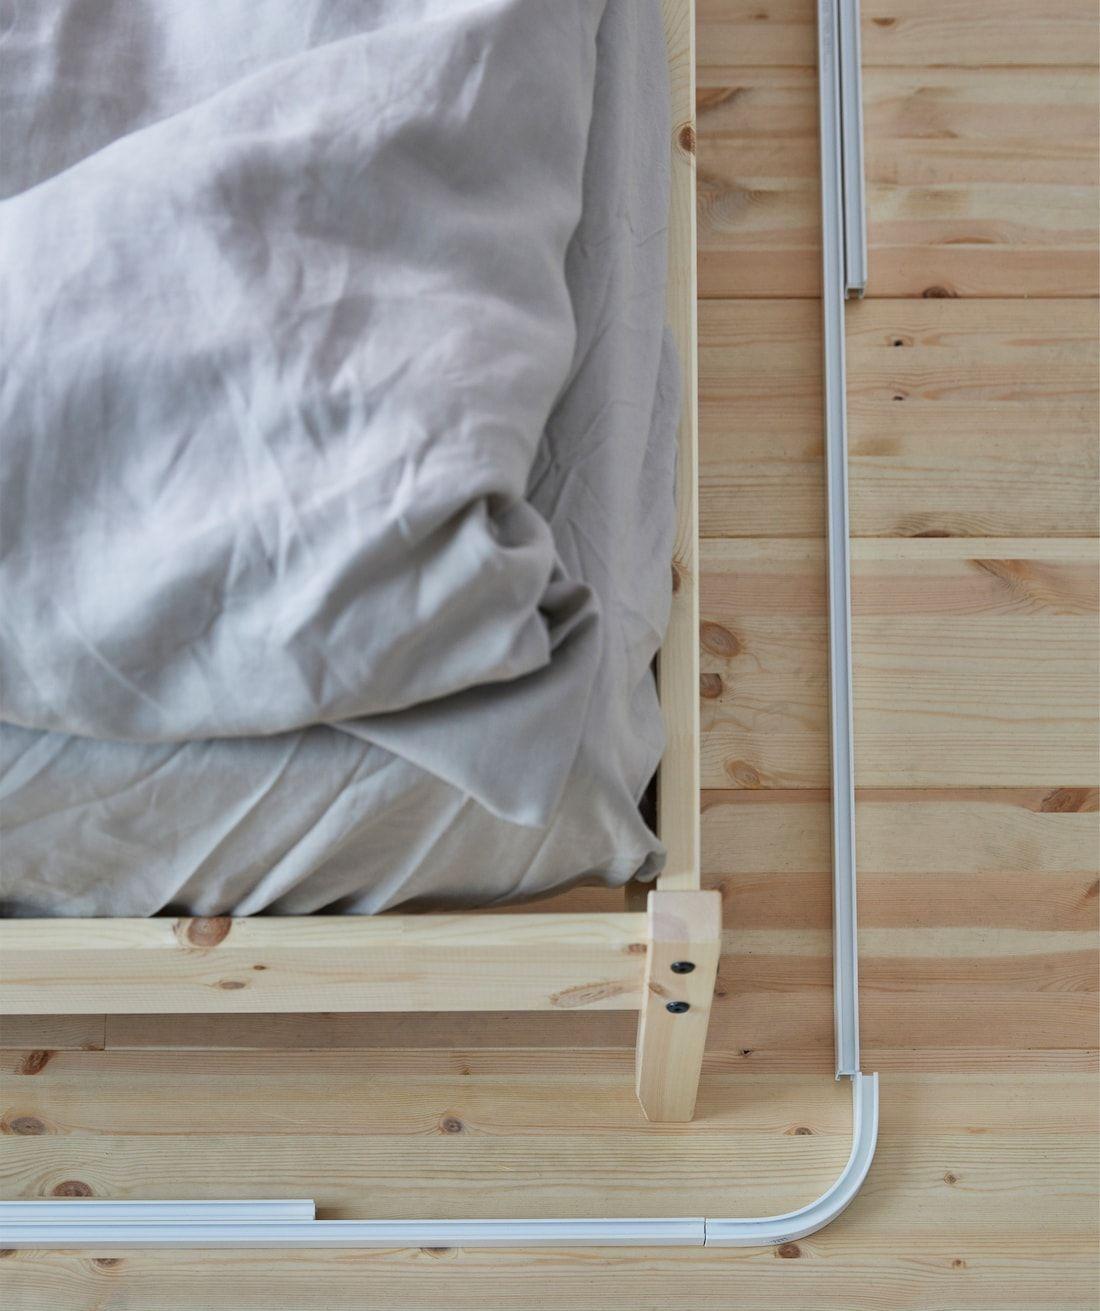 Full Size of Gardinen Für Schlafzimmer Im Leicht Gemacht Bettvorhang Wickelbrett Bett Fliesen Fürs Bad Sessel Küche Kronleuchter Landhausstil Mit überbau Regal Schlafzimmer Gardinen Für Schlafzimmer